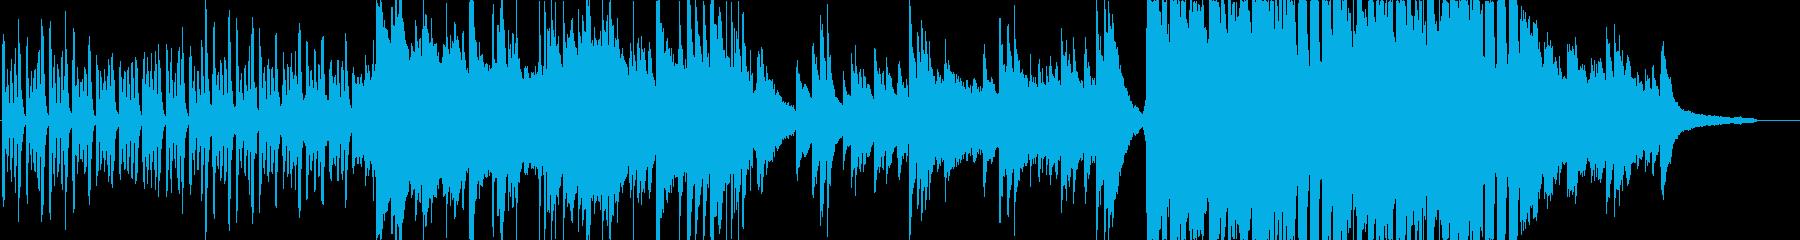 三拍子の少し切ない雰囲気の曲の再生済みの波形